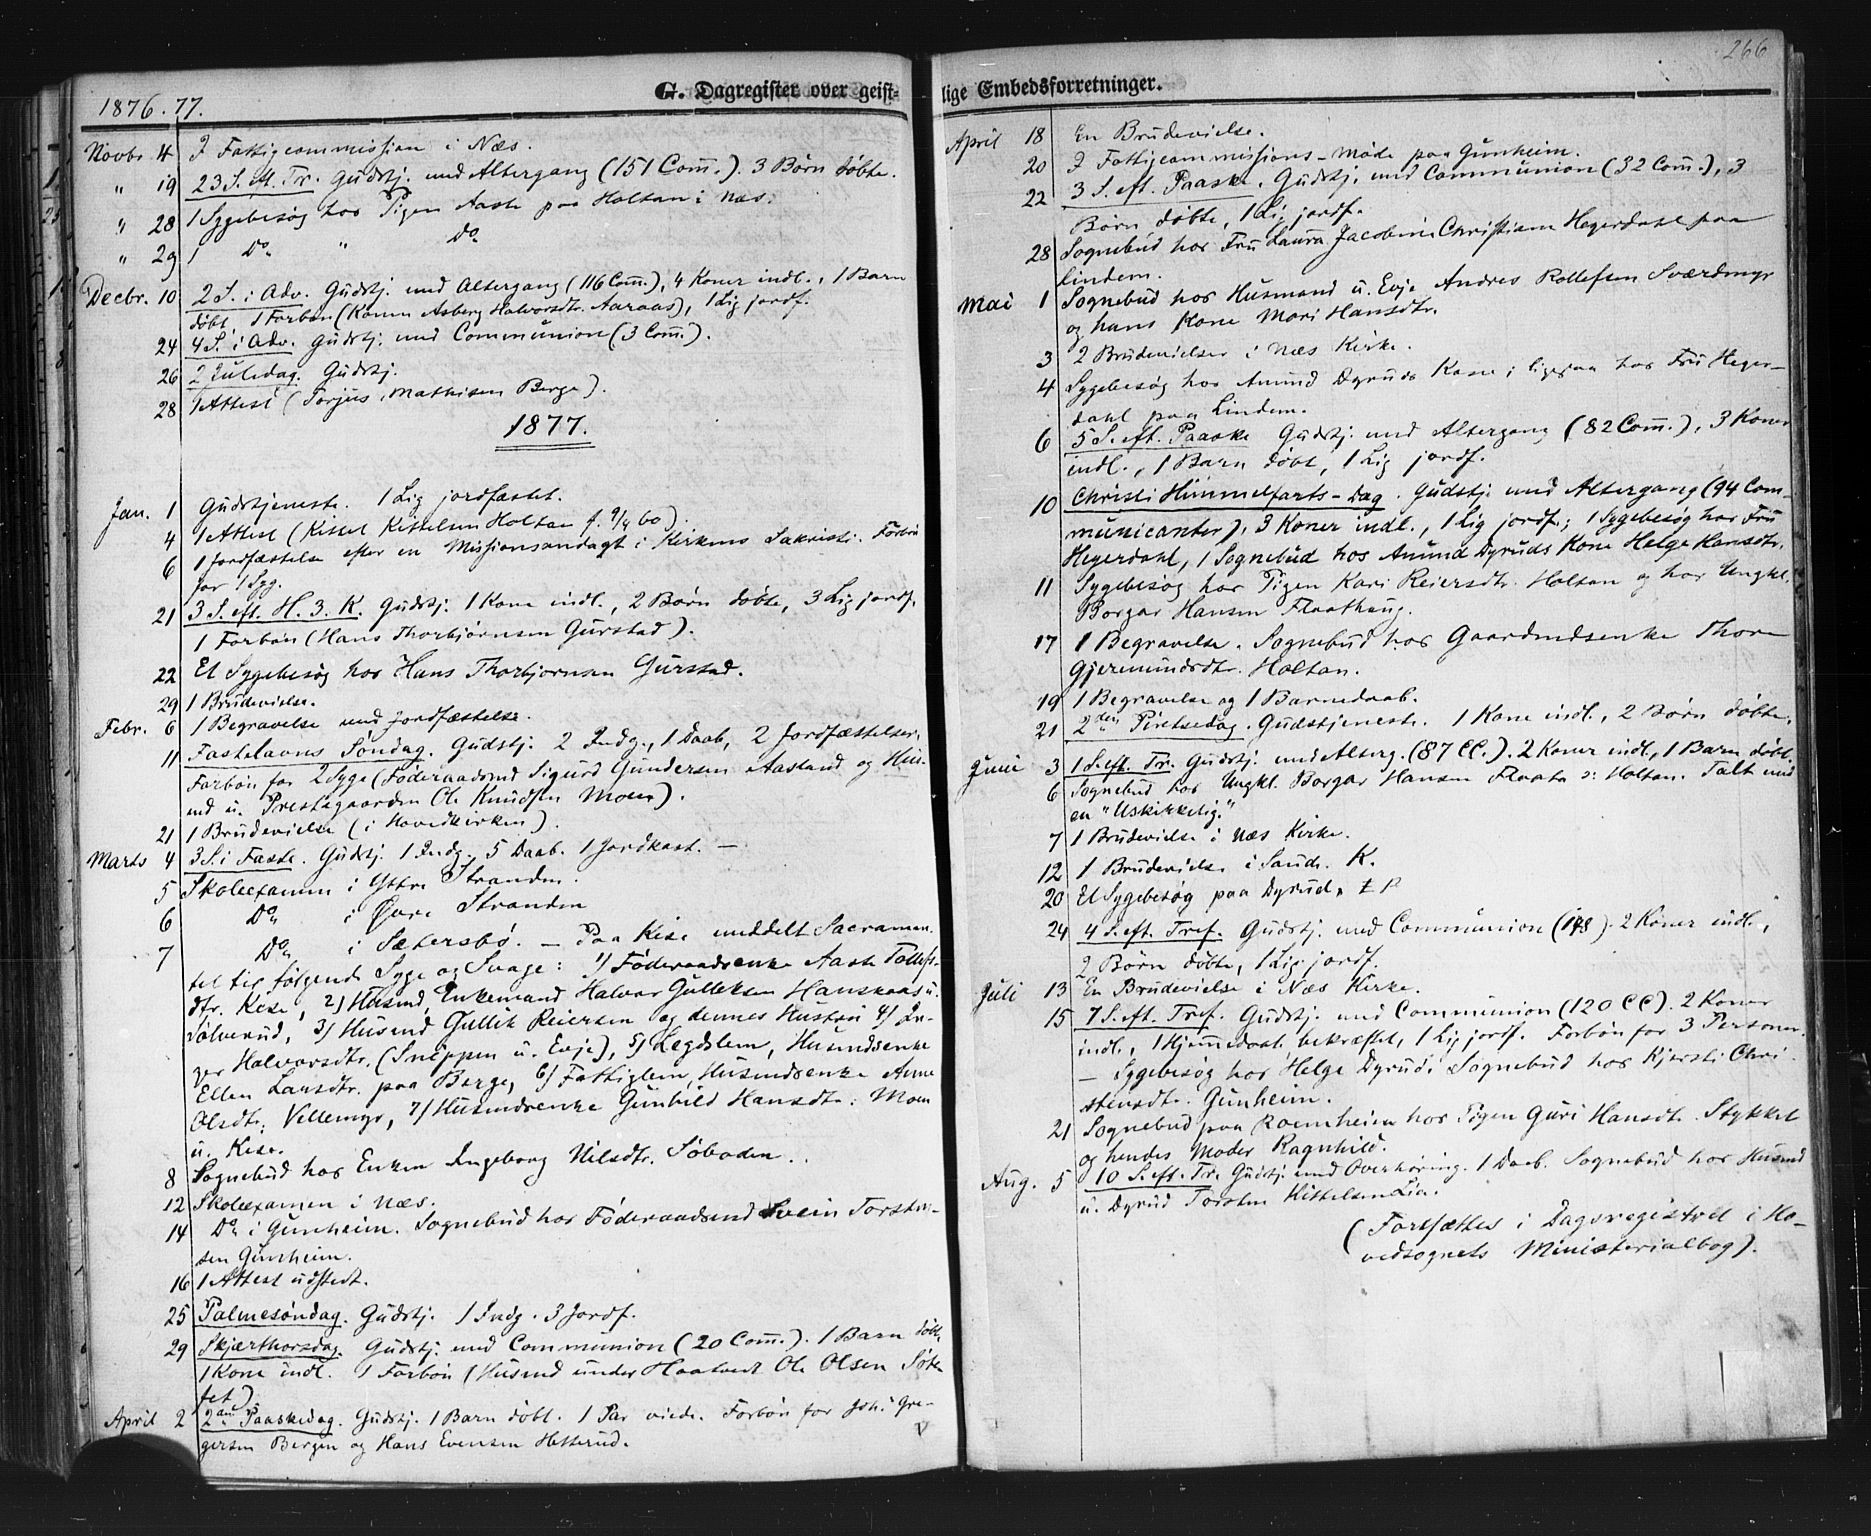 SAKO, Sauherad kirkebøker, F/Fb/L0001: Ministerialbok nr. II 1, 1851-1877, s. 266